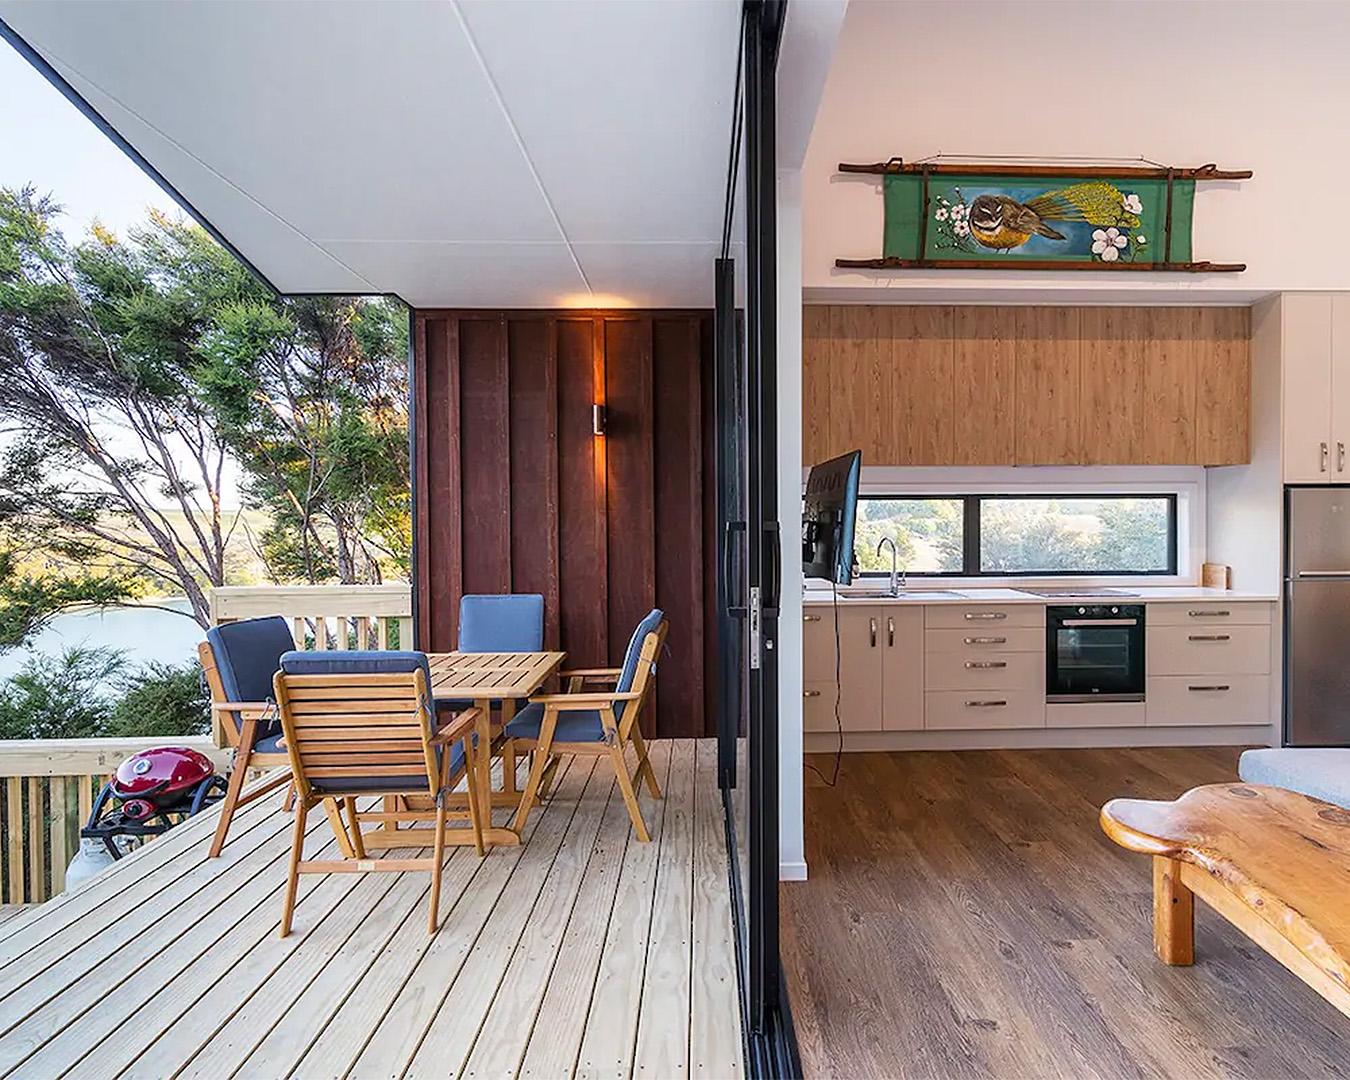 An interior and exterior shot at Moonlight Bay Magic, showing plush furnishings.